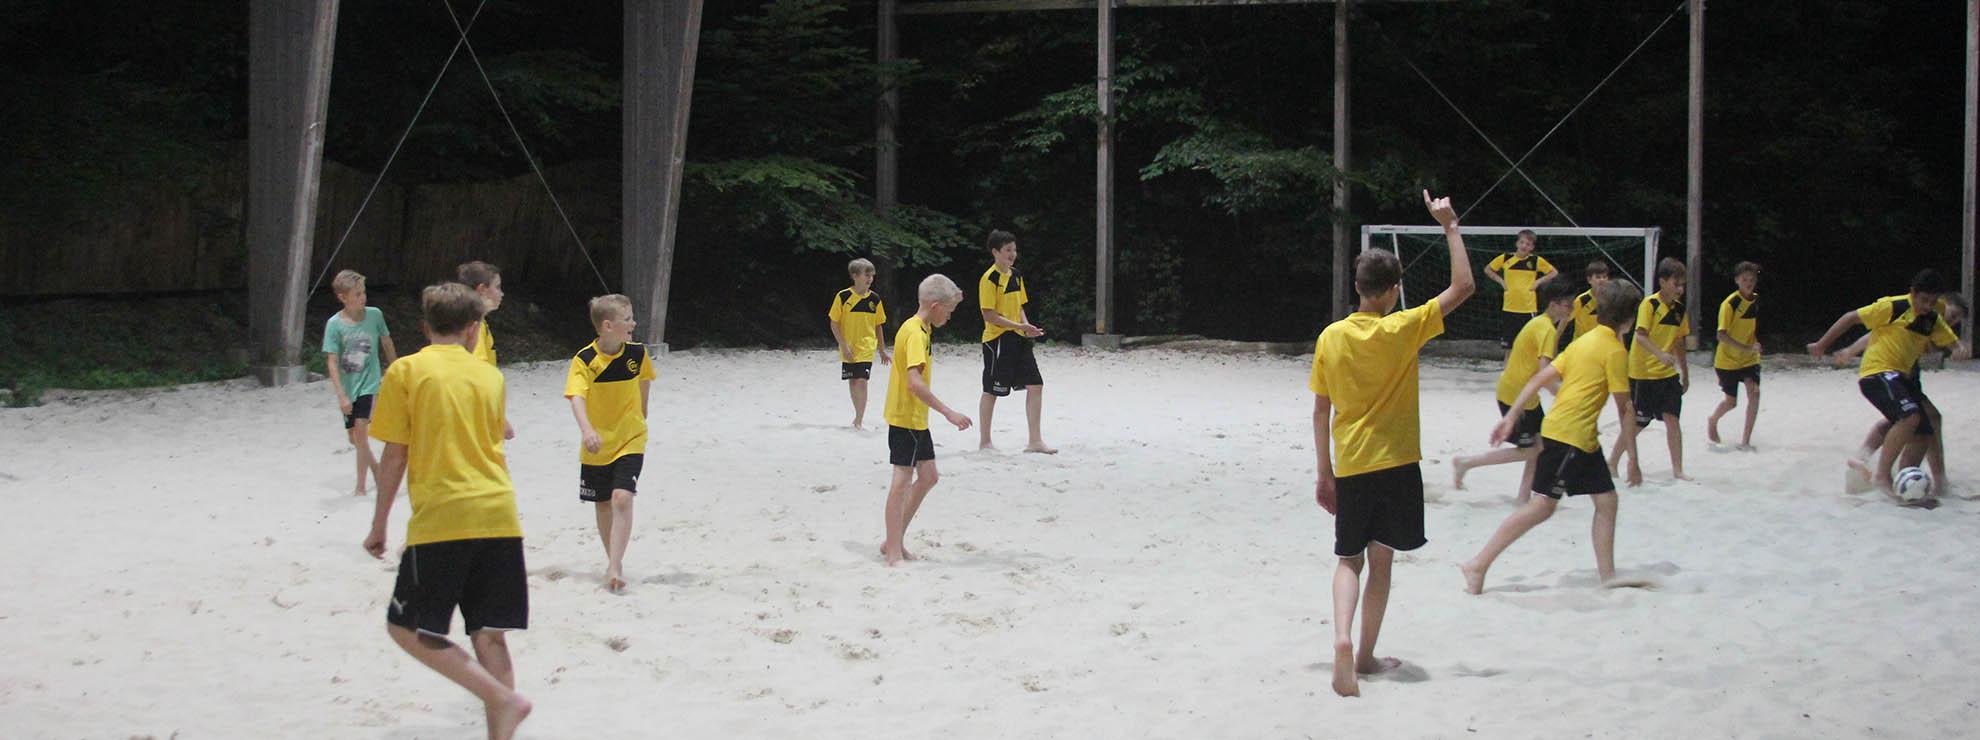 Für Ihre Gruppe verfügen wir über eine eigene Beach-Soccer Anlage